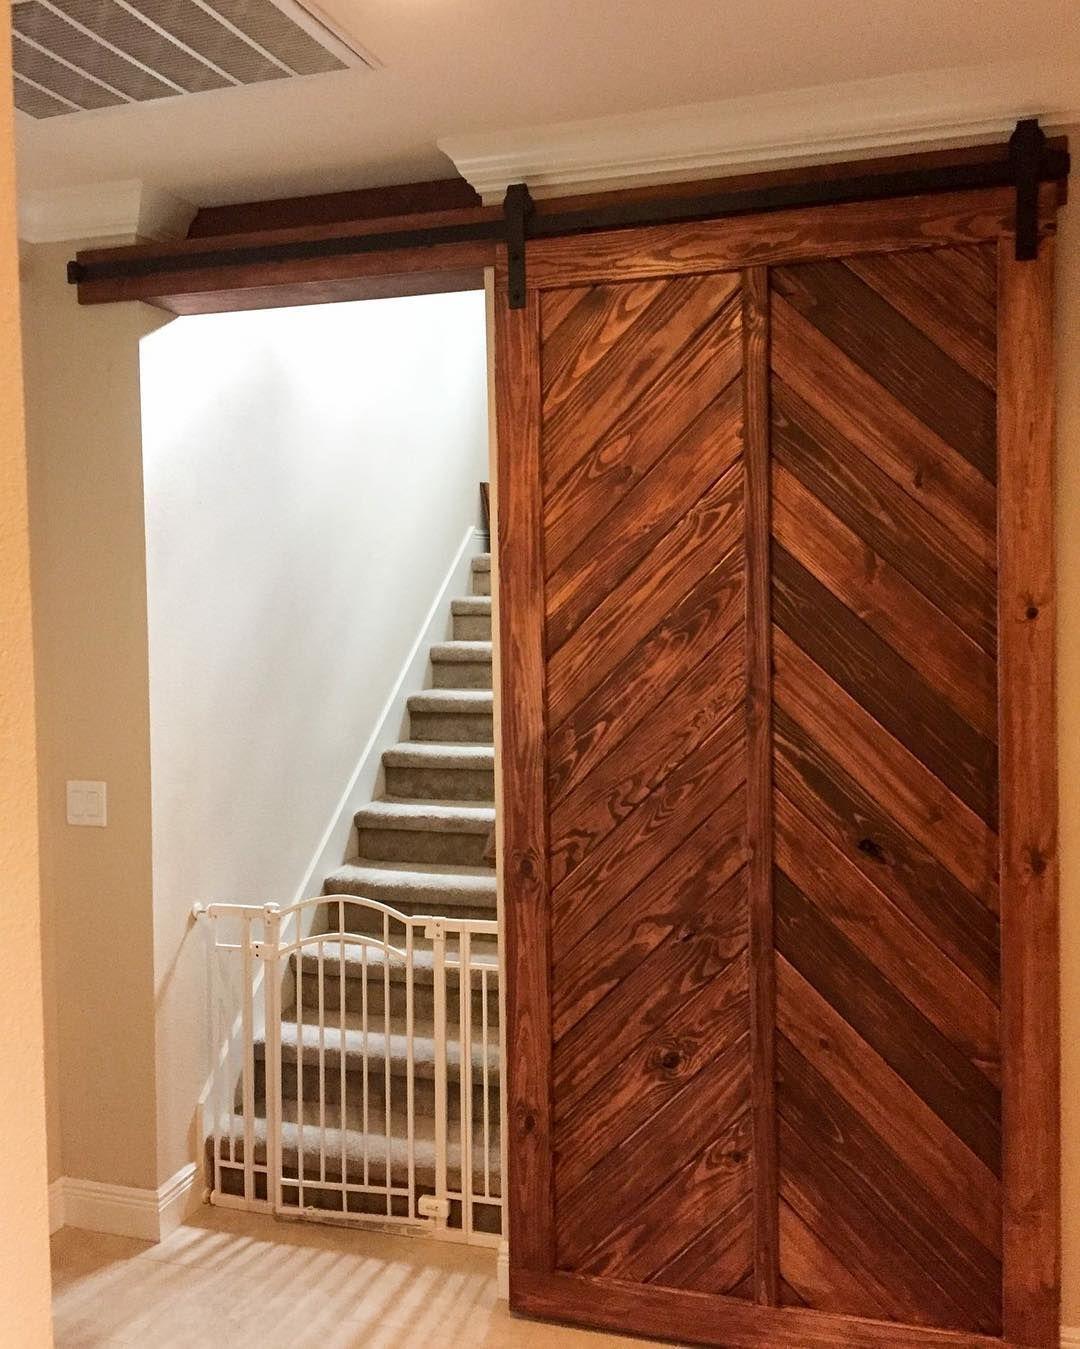 Custom Made Barn Doors For This Space Barndoors Barndoor